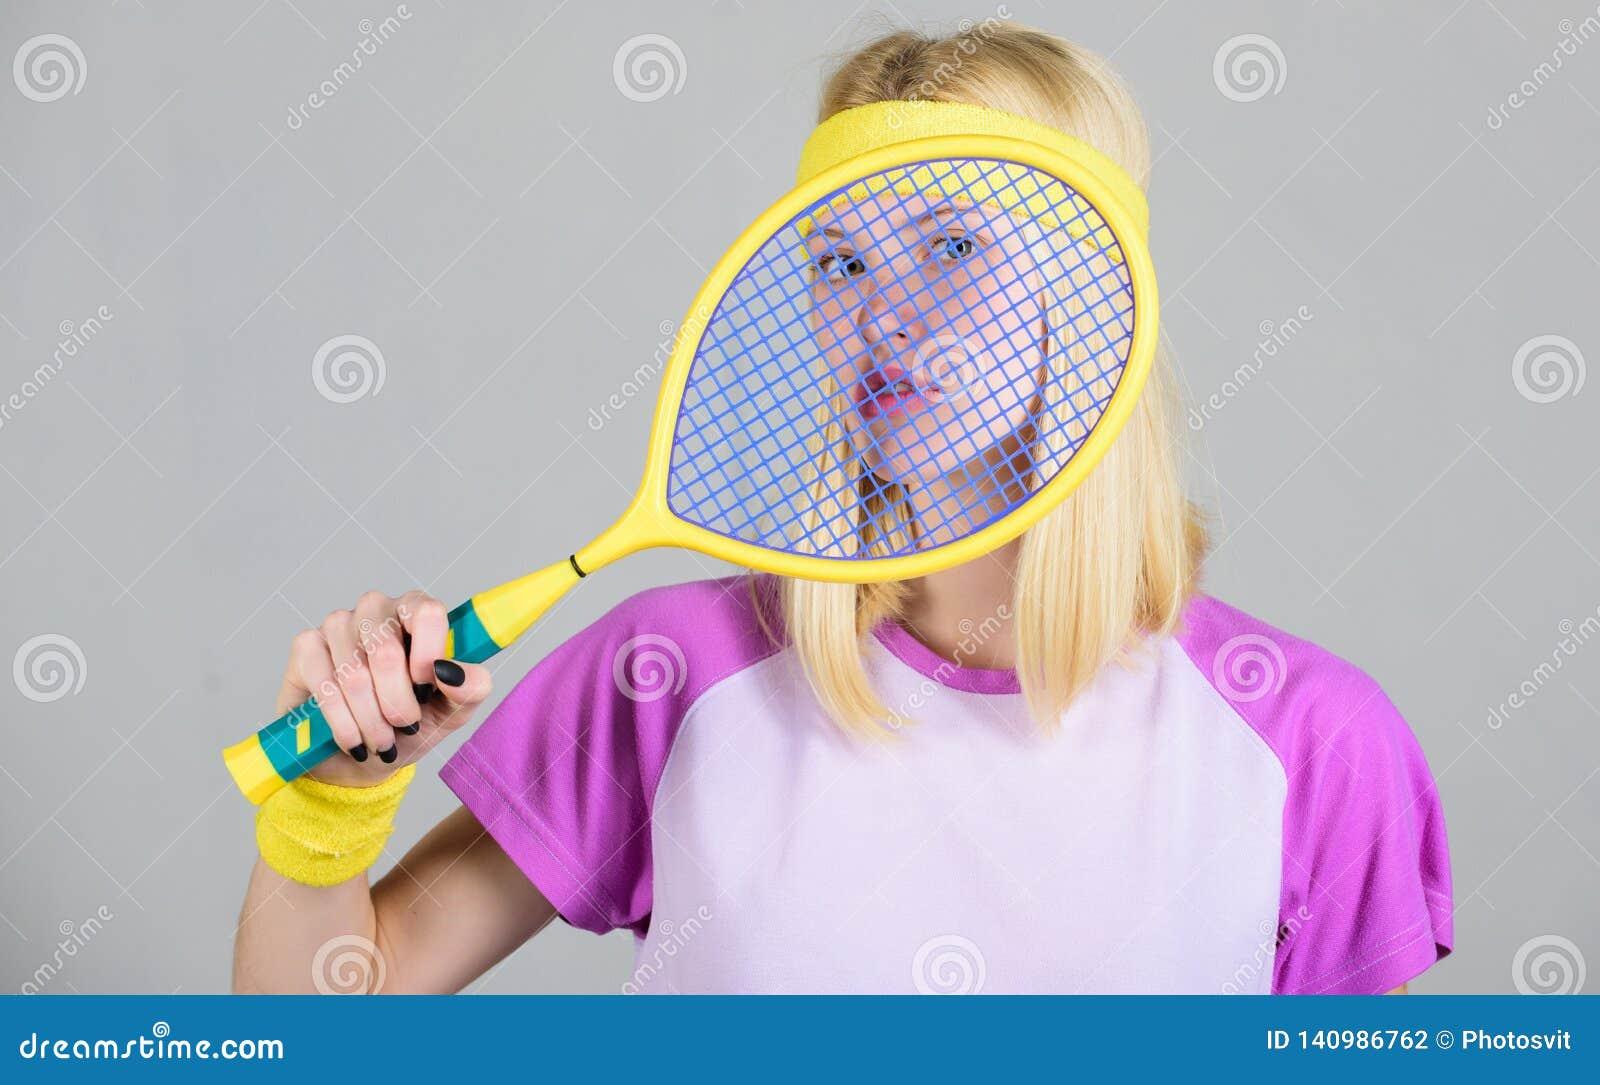 Athletengriff-Tennisschläger in der Hand Tennisvereinkonzept Tennissport und -unterhaltung Aktive Freizeit und Liebhaberei Mädche